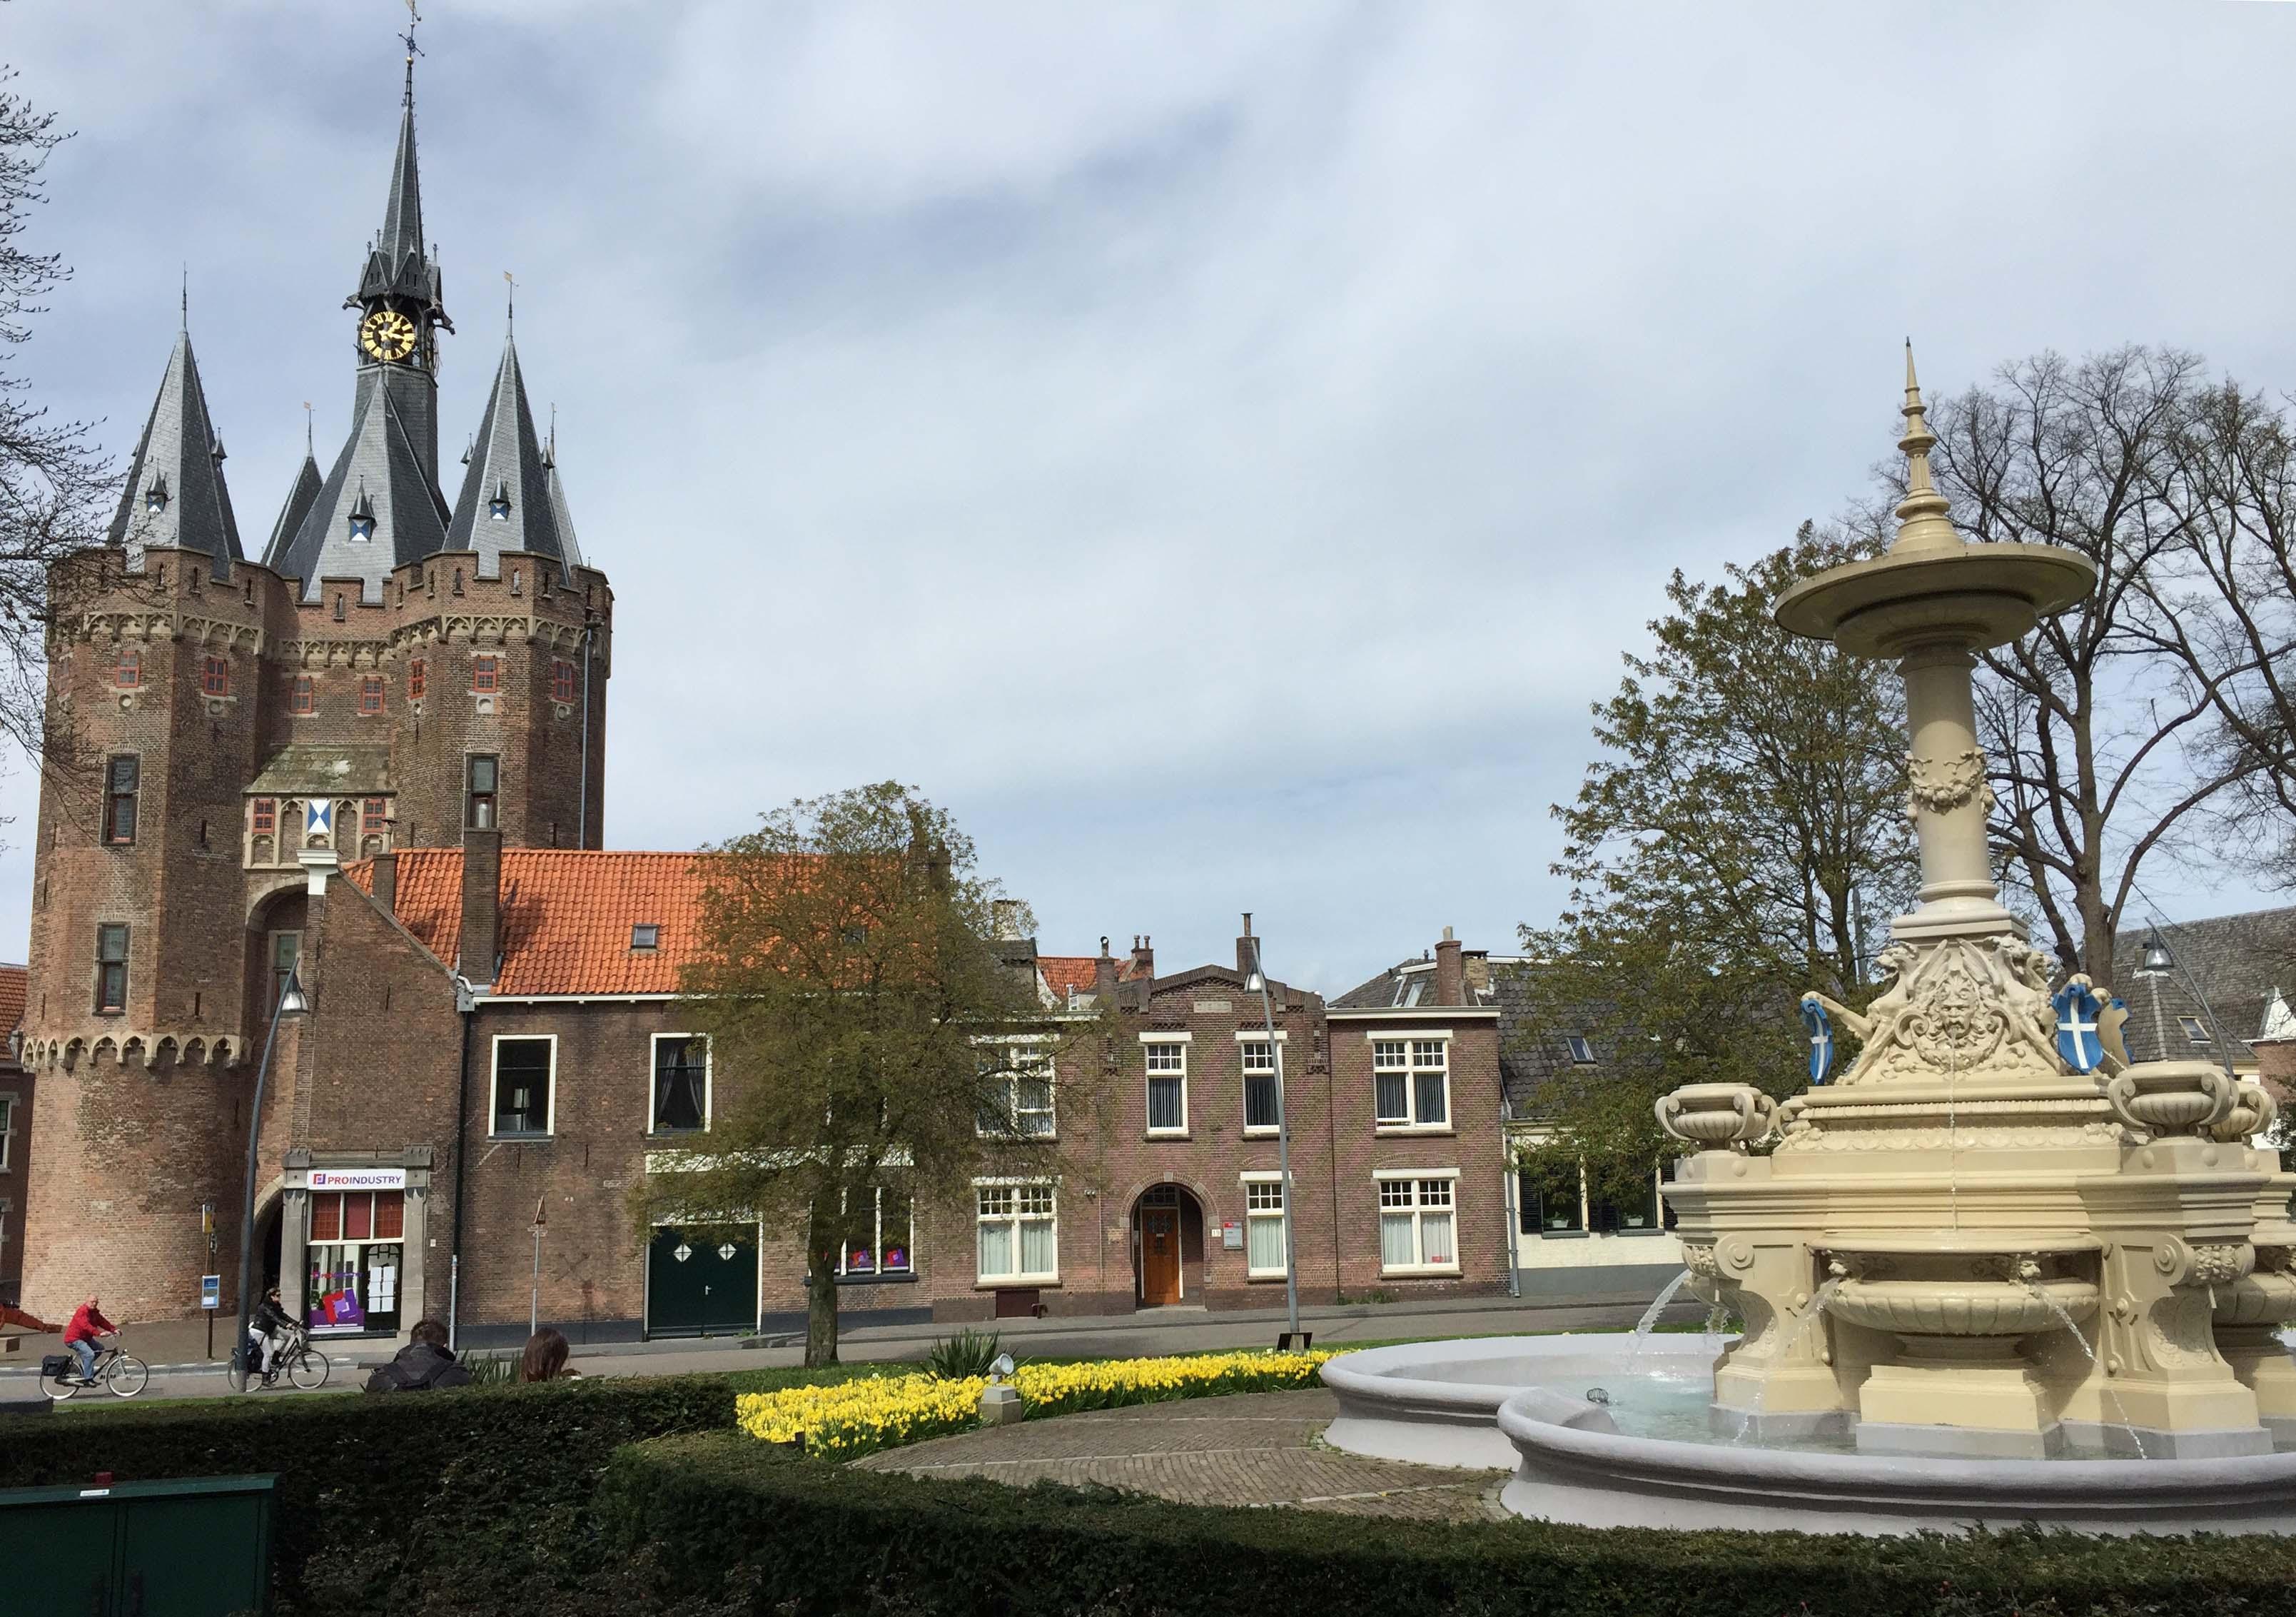 De Middeleeuwse Sassenpoort was al bekend in de bloeitijd van de Hanze in Zwolle